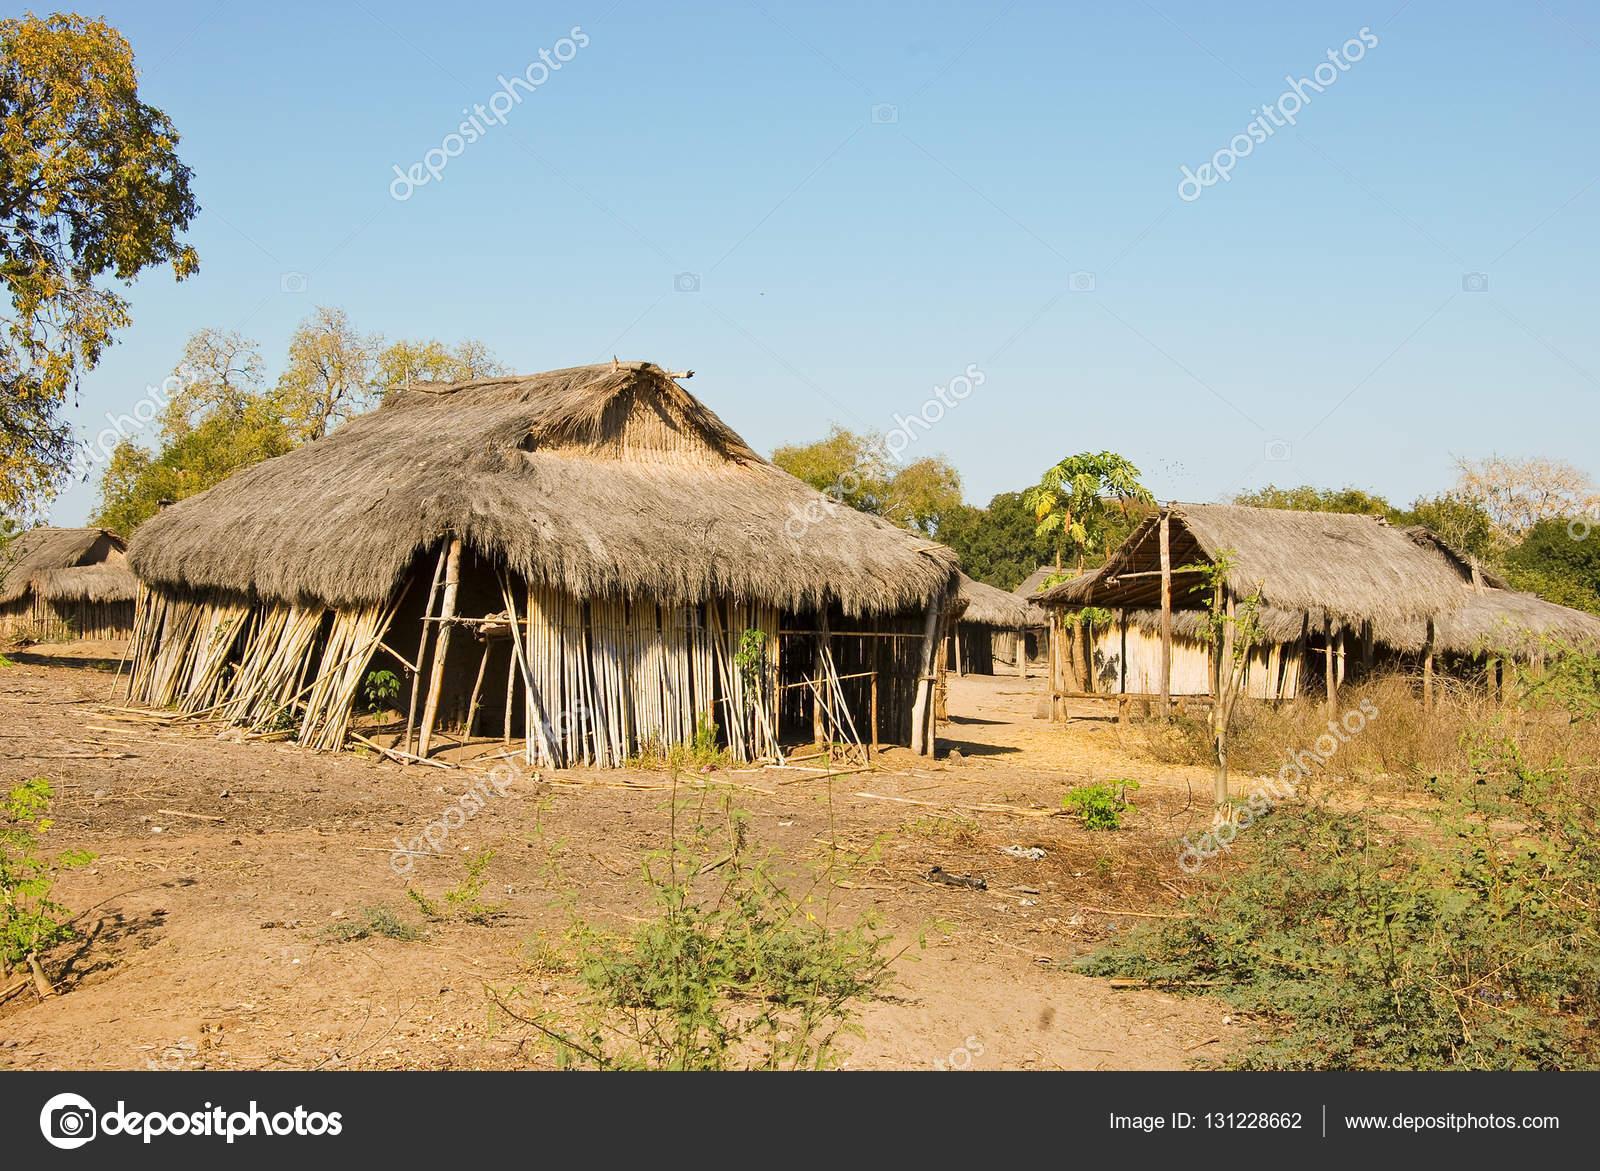 Typique village malgache hutte africaine de la pauvreté à madagascar image de dr322